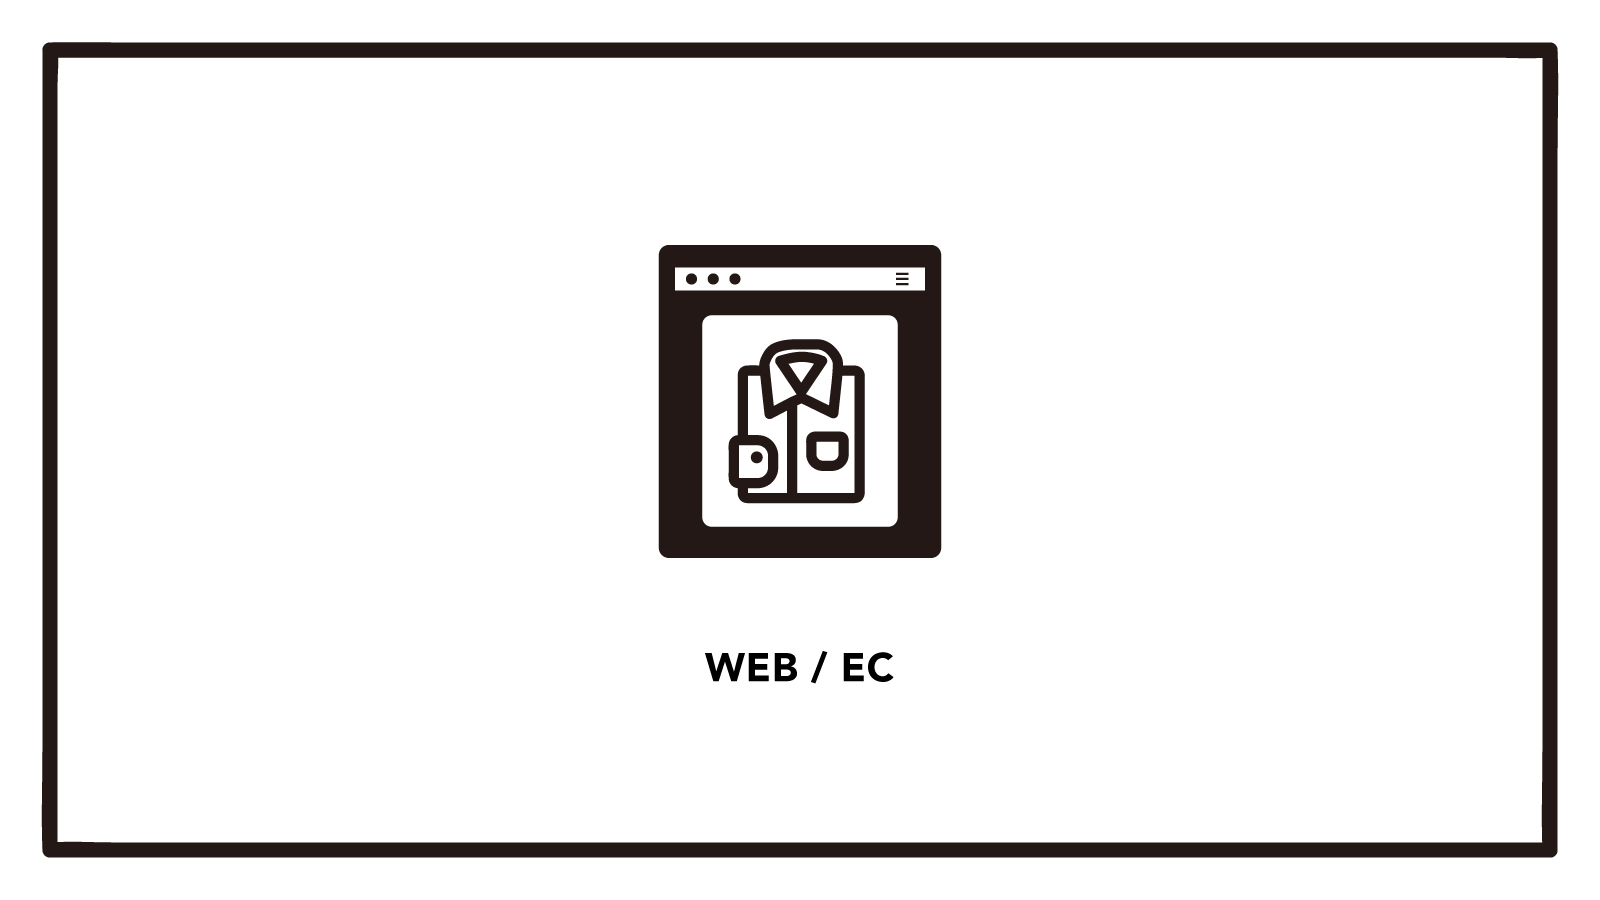 【Eコマース担当】人気ブランドやコスメを数多く取り扱うオンラインストアでの勤務!のカバー写真